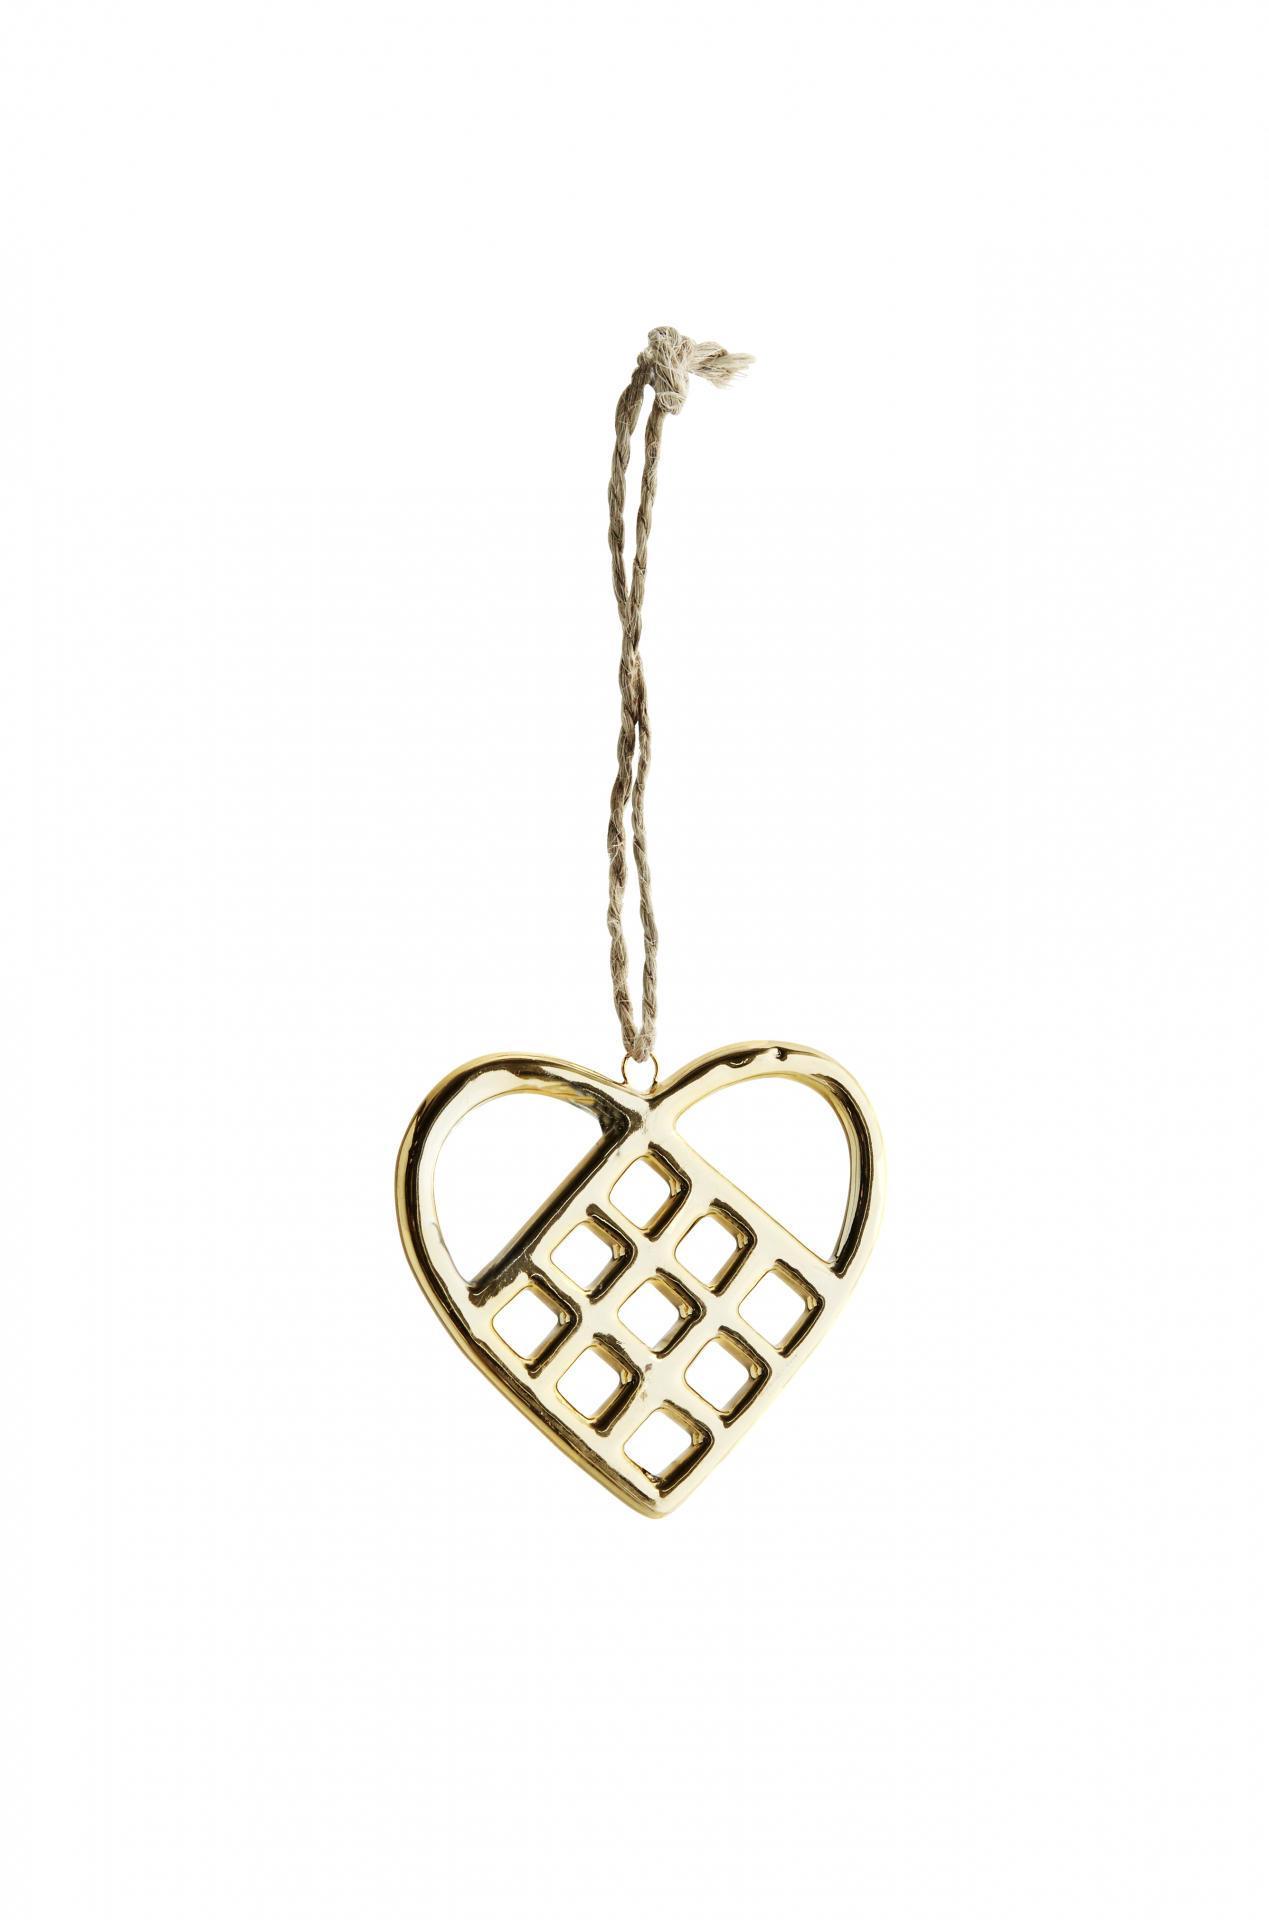 MADAM STOLTZ Závěsné porcelánové srdce Gold Heart, zlatá barva, porcelán